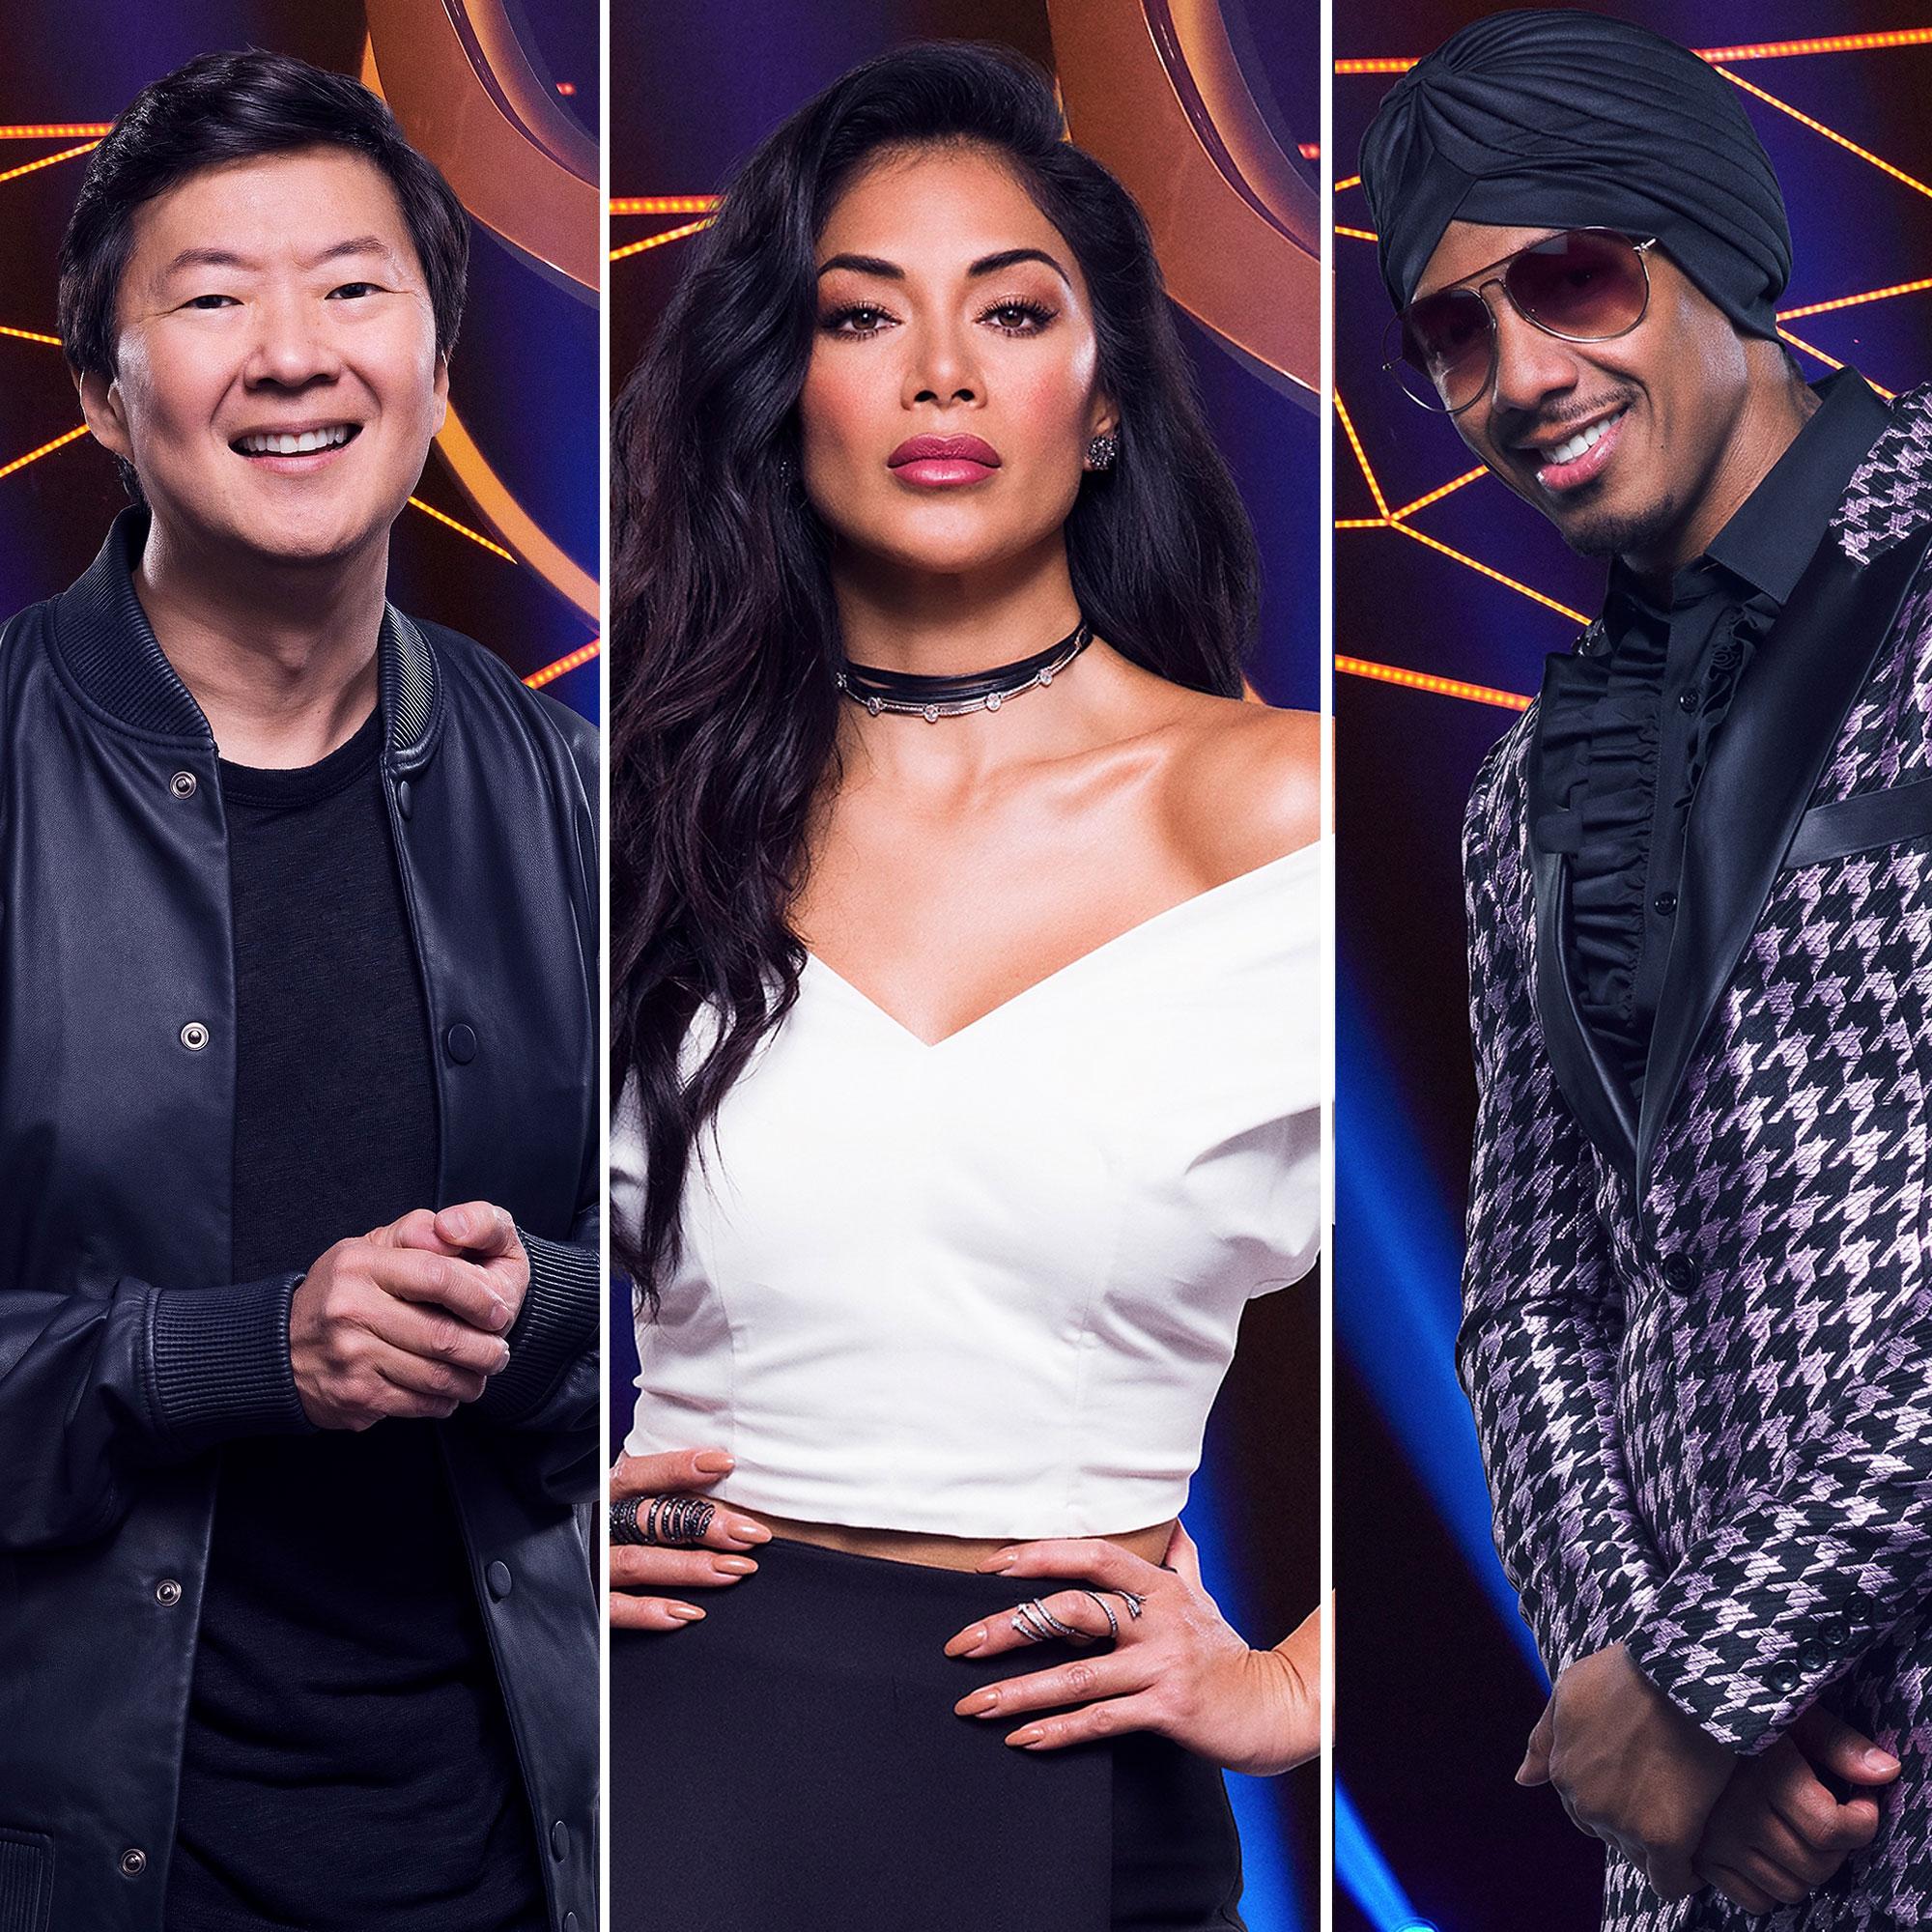 masked singer judges split - Panelists Ken Jeong, Nicole Scherzinger and host Nick Cannon in 'The Masked Singer.